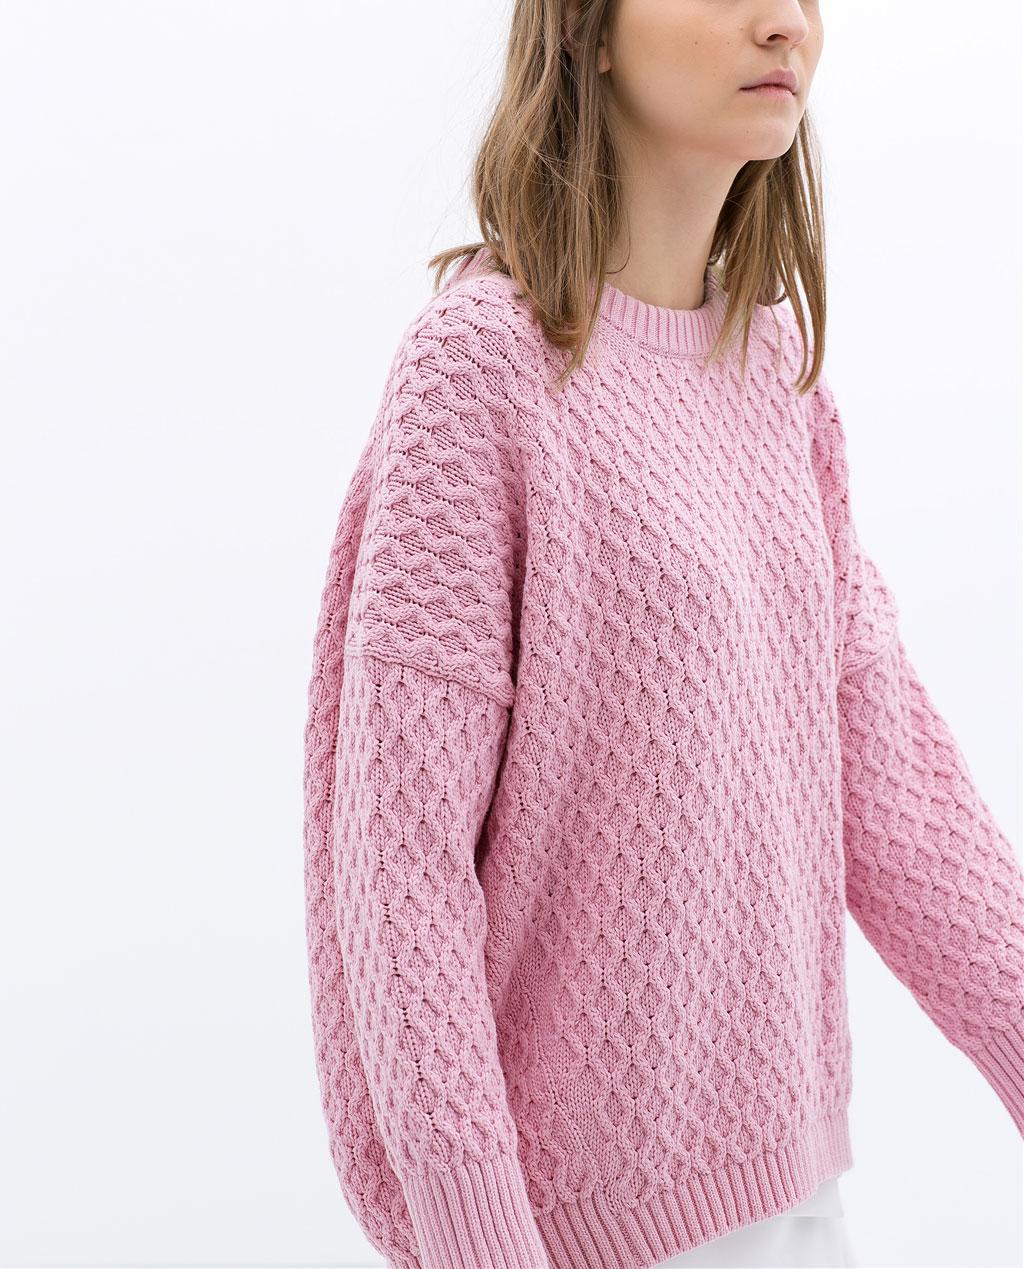 Zara SS14 collection